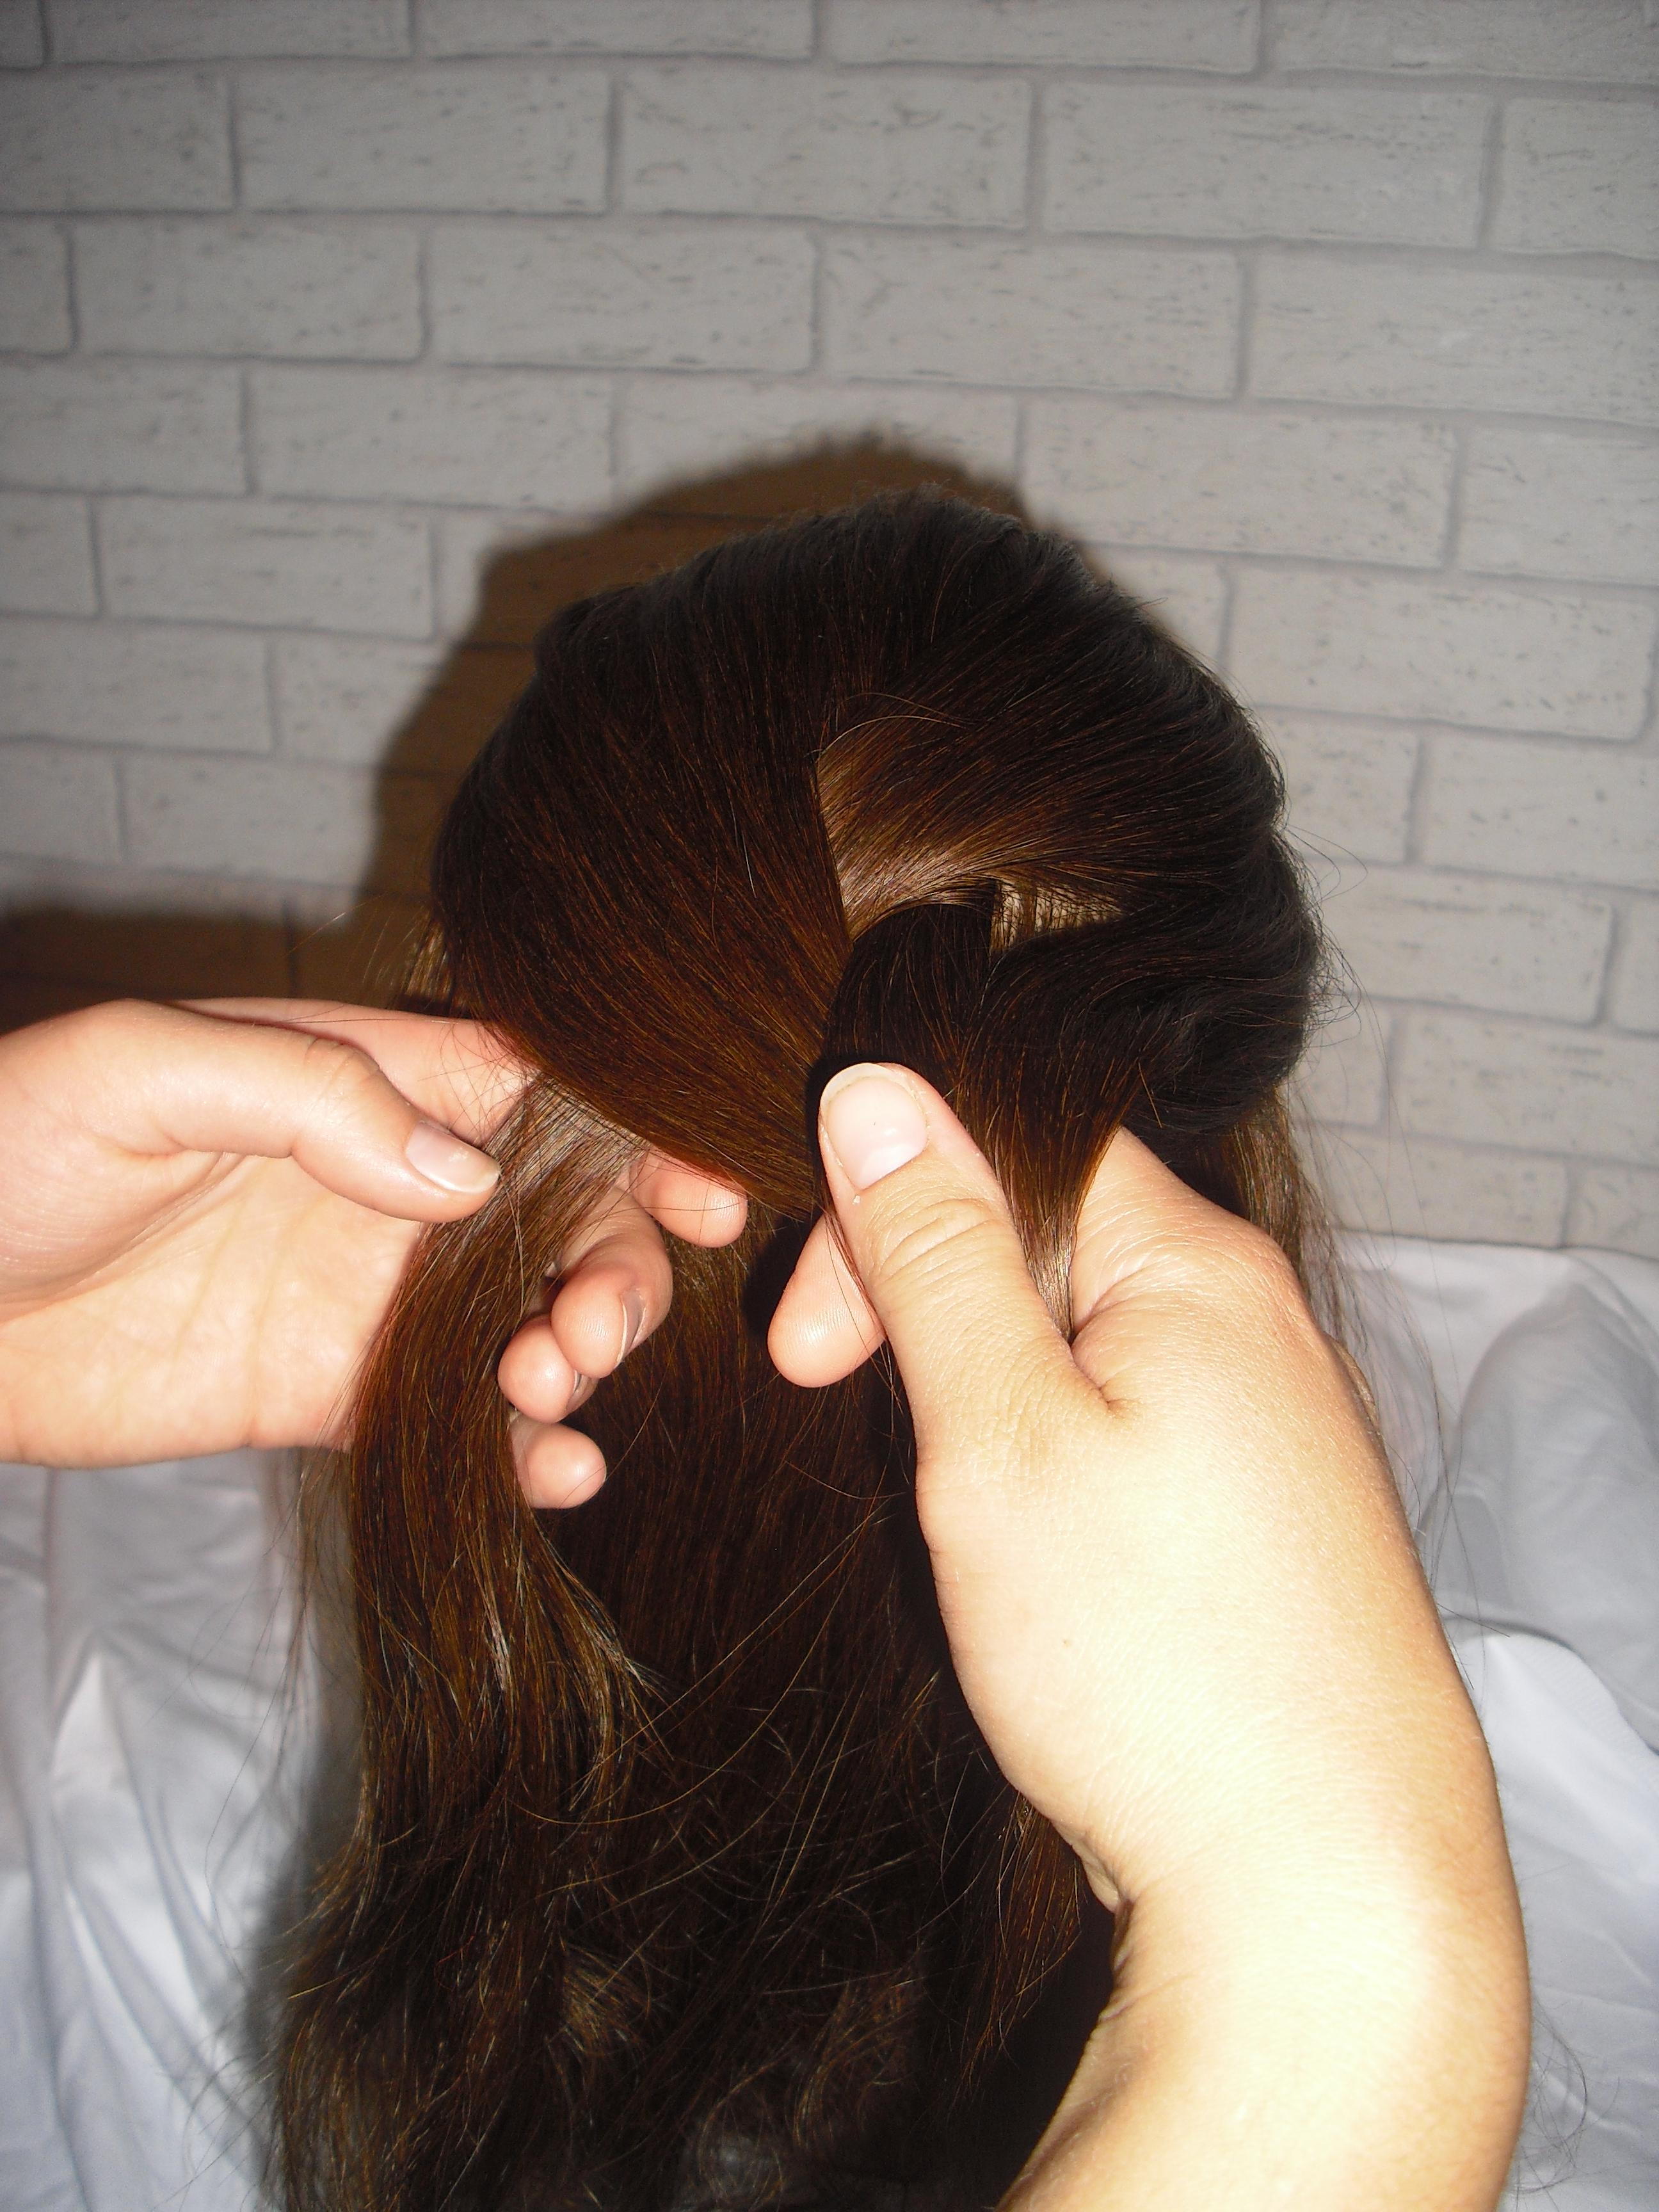 8 Schritt 5 Haare hinzunehmen Bauernzopf Flechtfrisur: Bilder Anleitung   Schritt für Schritt erklärt zum selber machen